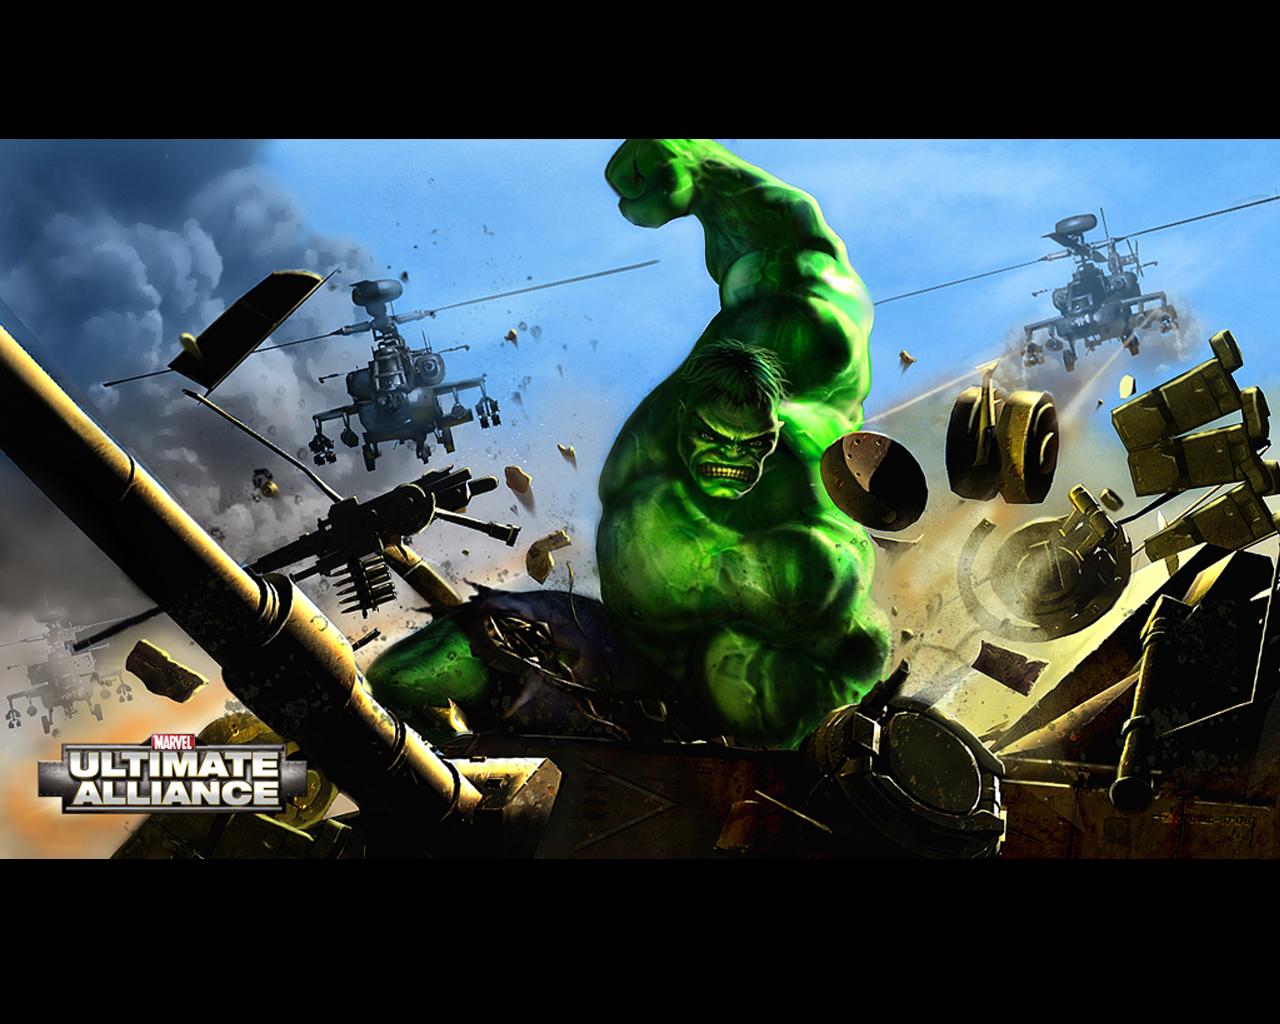 http://2.bp.blogspot.com/-gH3mpHy5nzs/TwjuKAUynCI/AAAAAAAAAqQ/Q9OKjoZNP_s/s1600/hulk_wallpaper.jpg